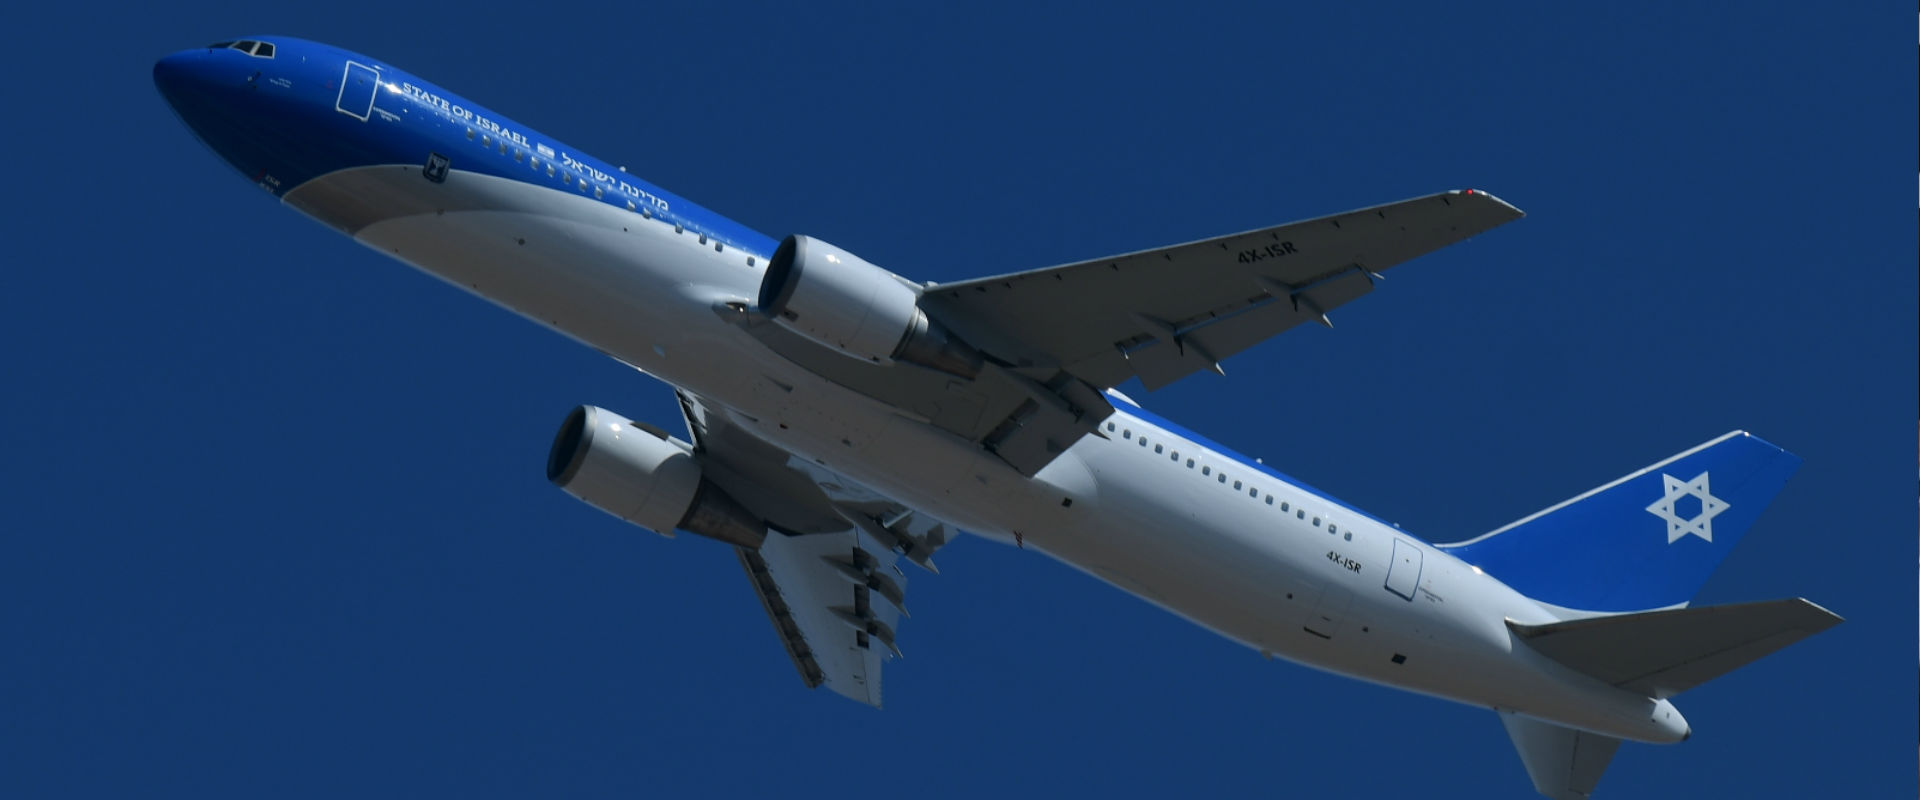 يديعوت أحرونوت: انتهاء أول اختبار لطائرة الركاب الجديدة الخاصة بنقل رؤساء الدولة ورؤساء الحكومة